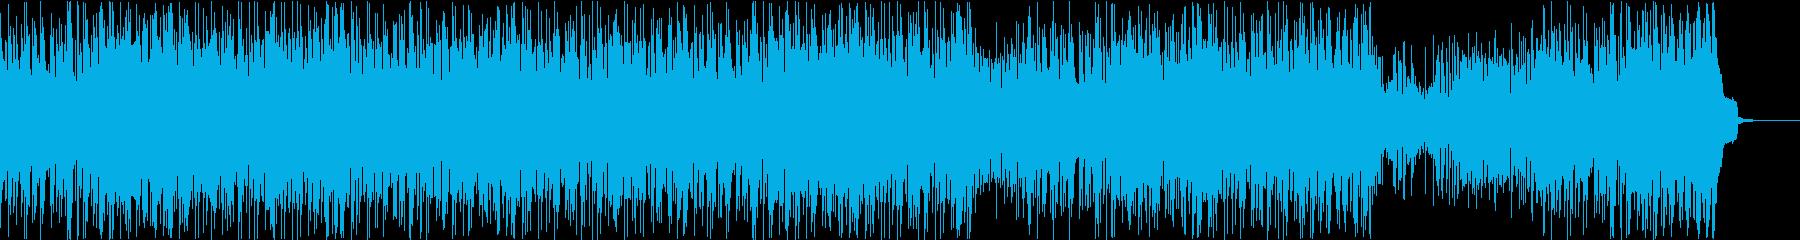 心躍るヒップホップトラップスタイル...の再生済みの波形